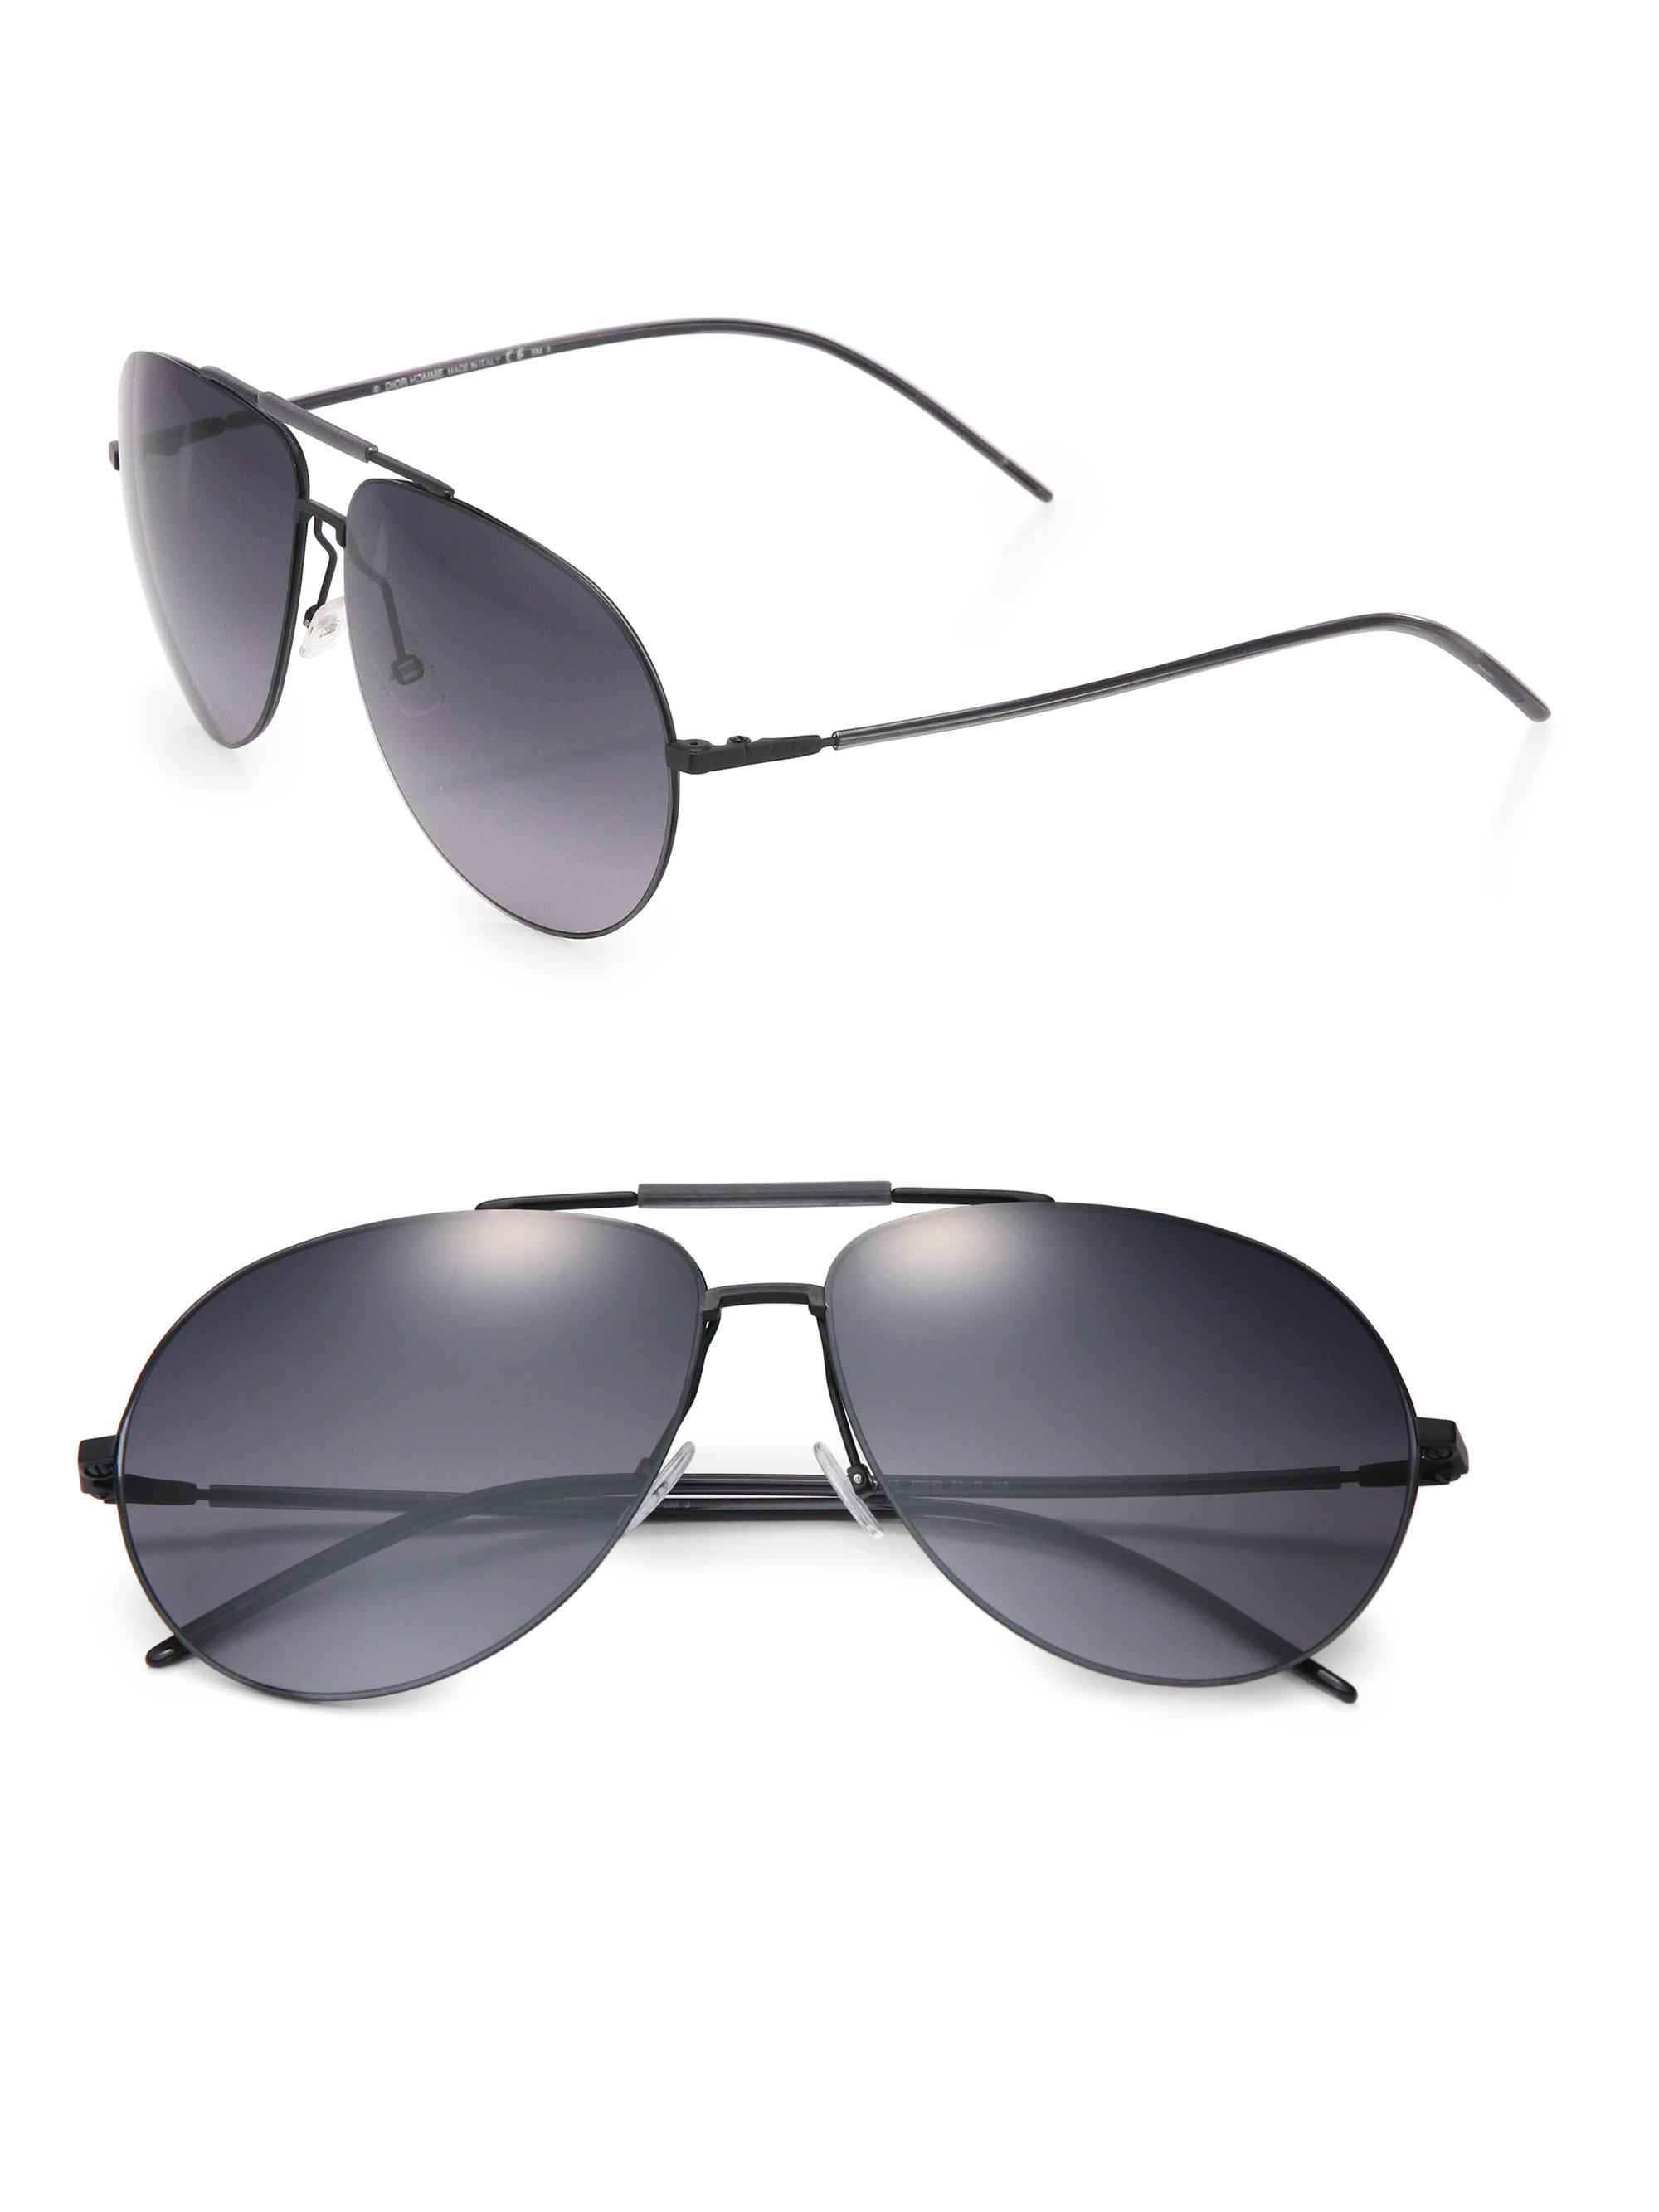 df1a12ca0b Gianfranco Ferre Mens Black Aviator Sunglasses